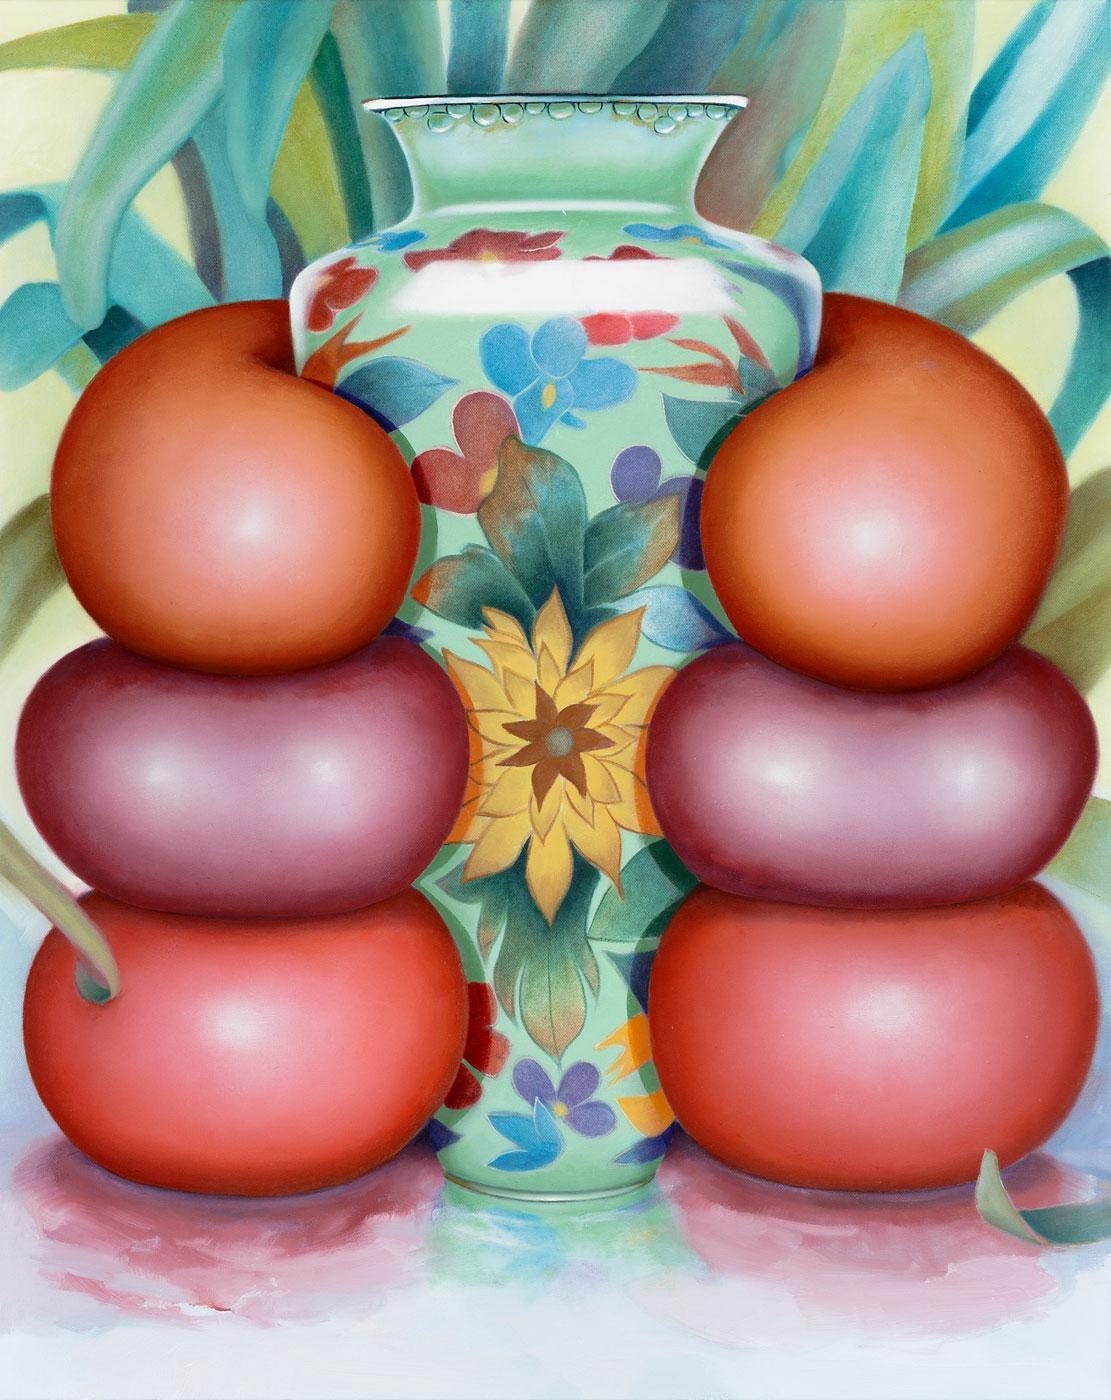 Mona Broschar, Symmetrie, 2019, Acryl und Öl auf Leinwand, 100 x 80 cm, brm006ko